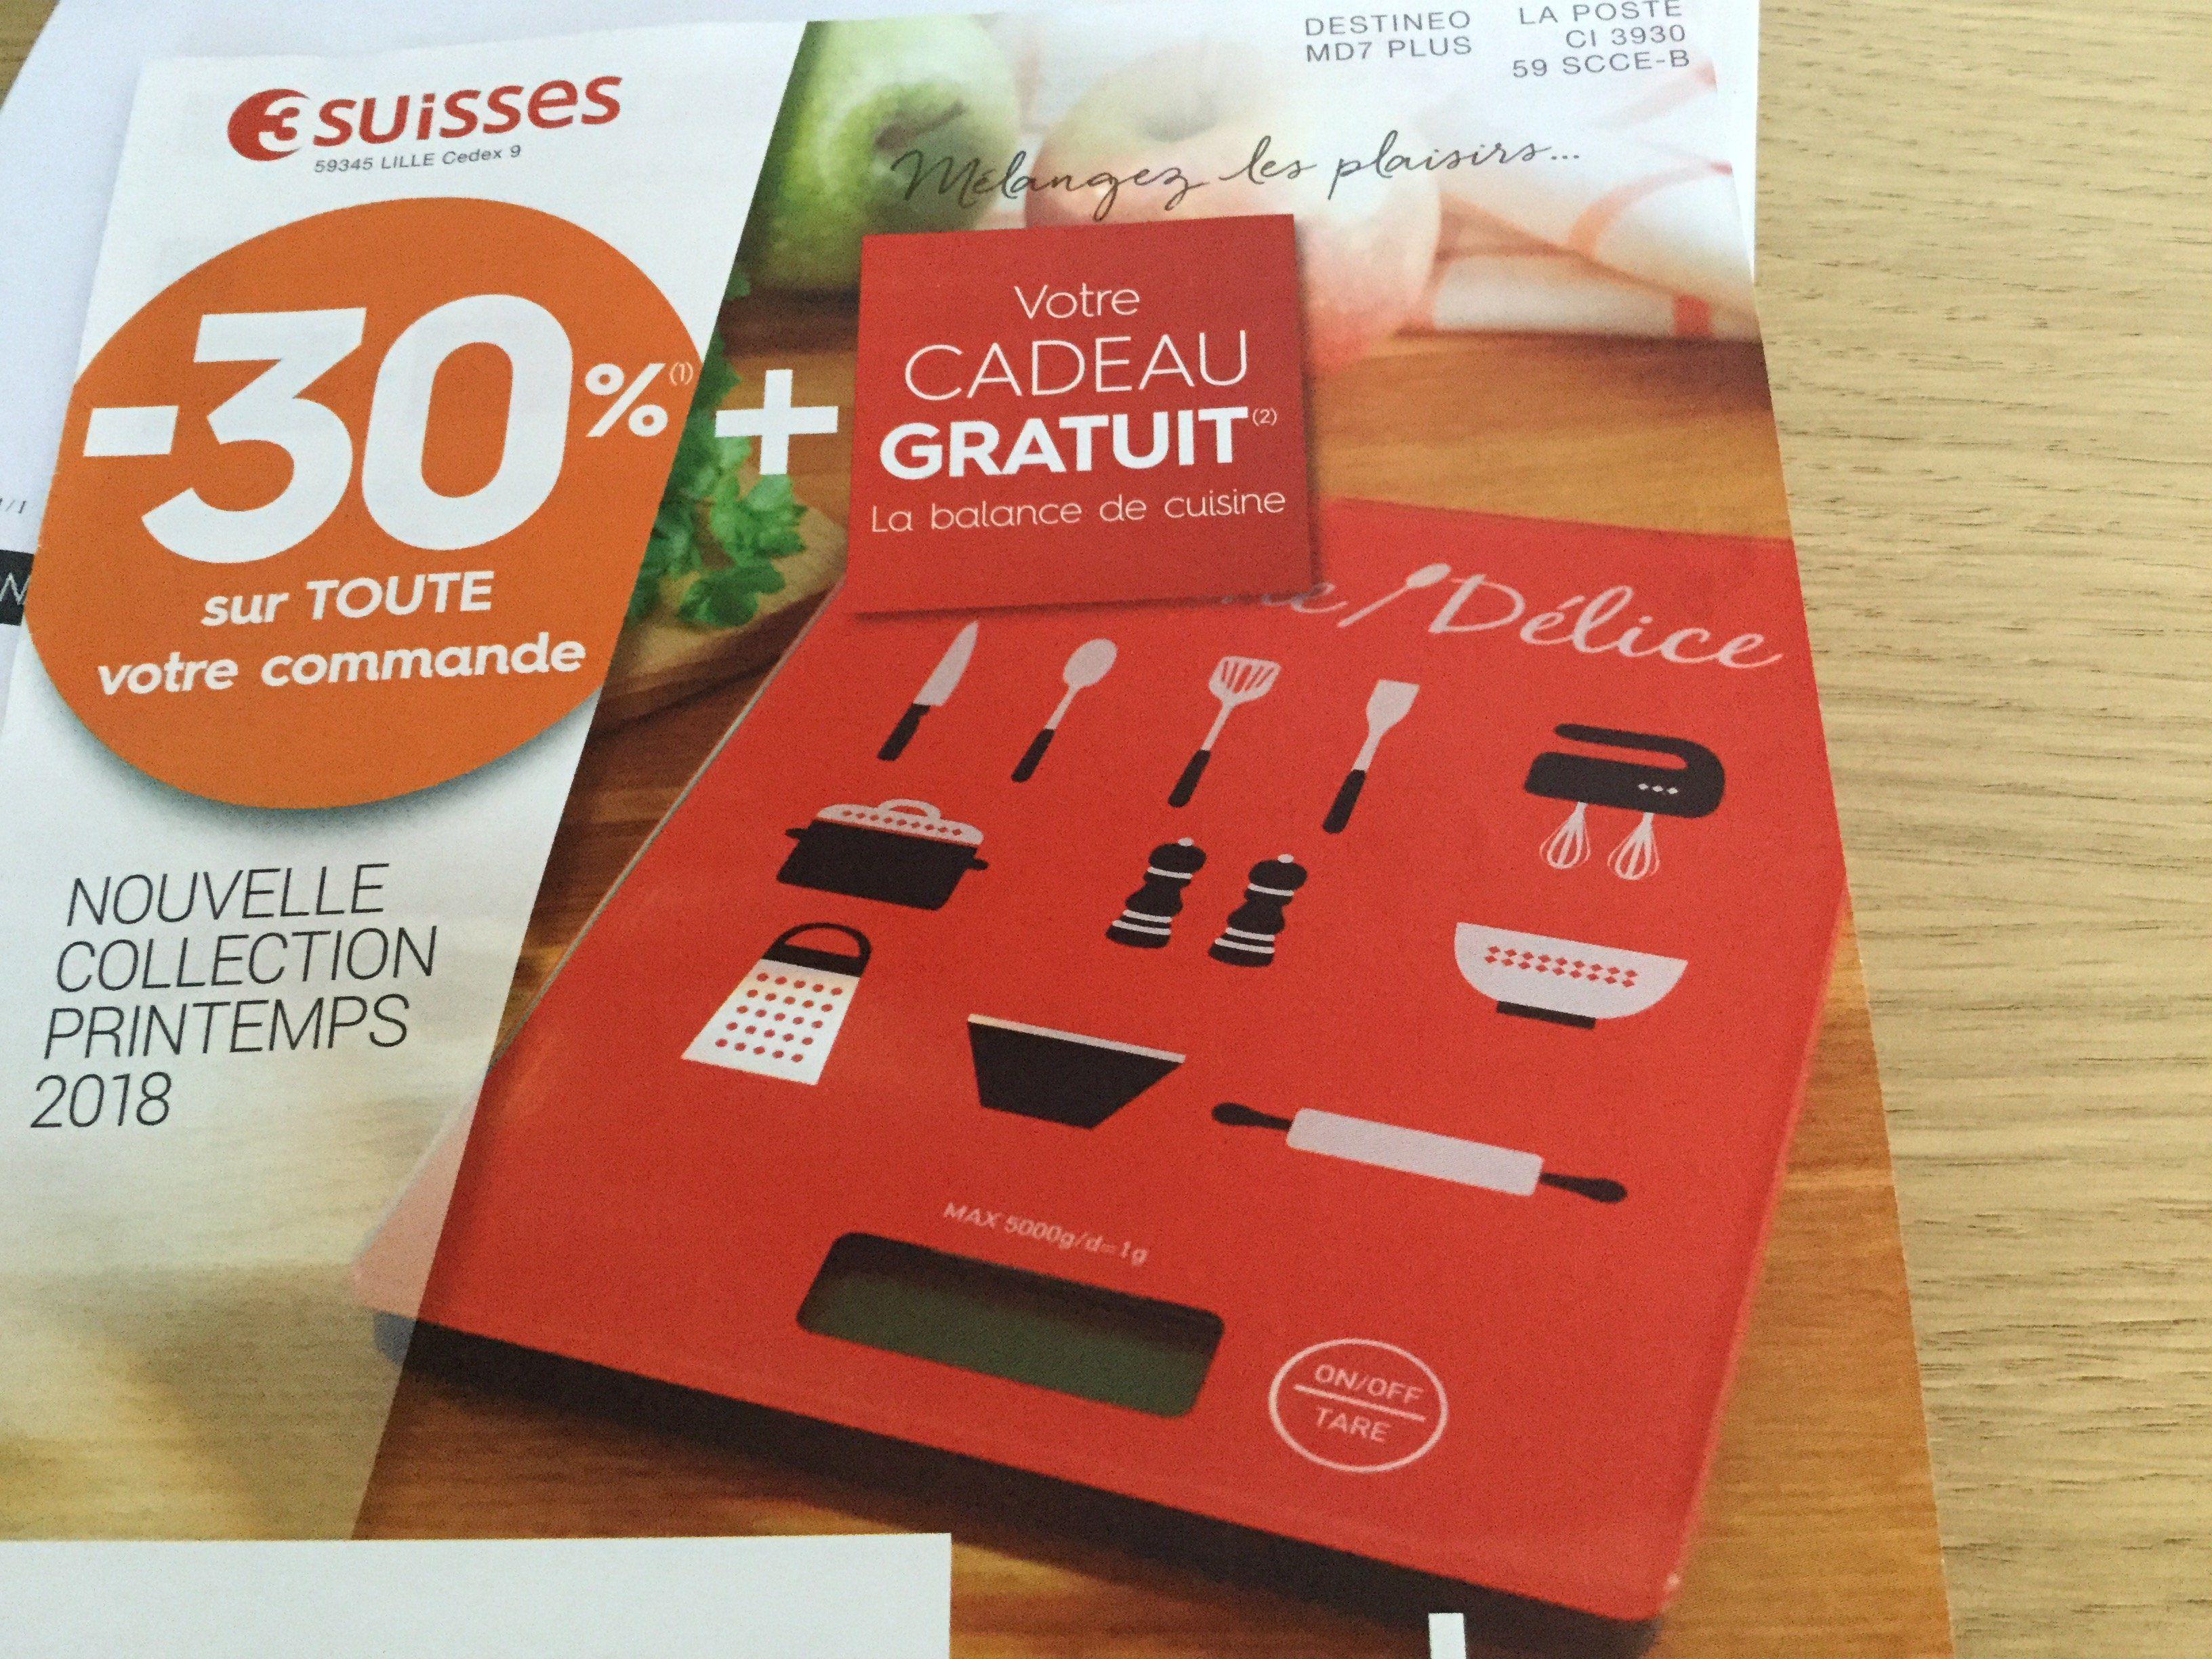 code promo - Offre courrier 3 suisses 30% toute la commande + kdo ca7fb54015e